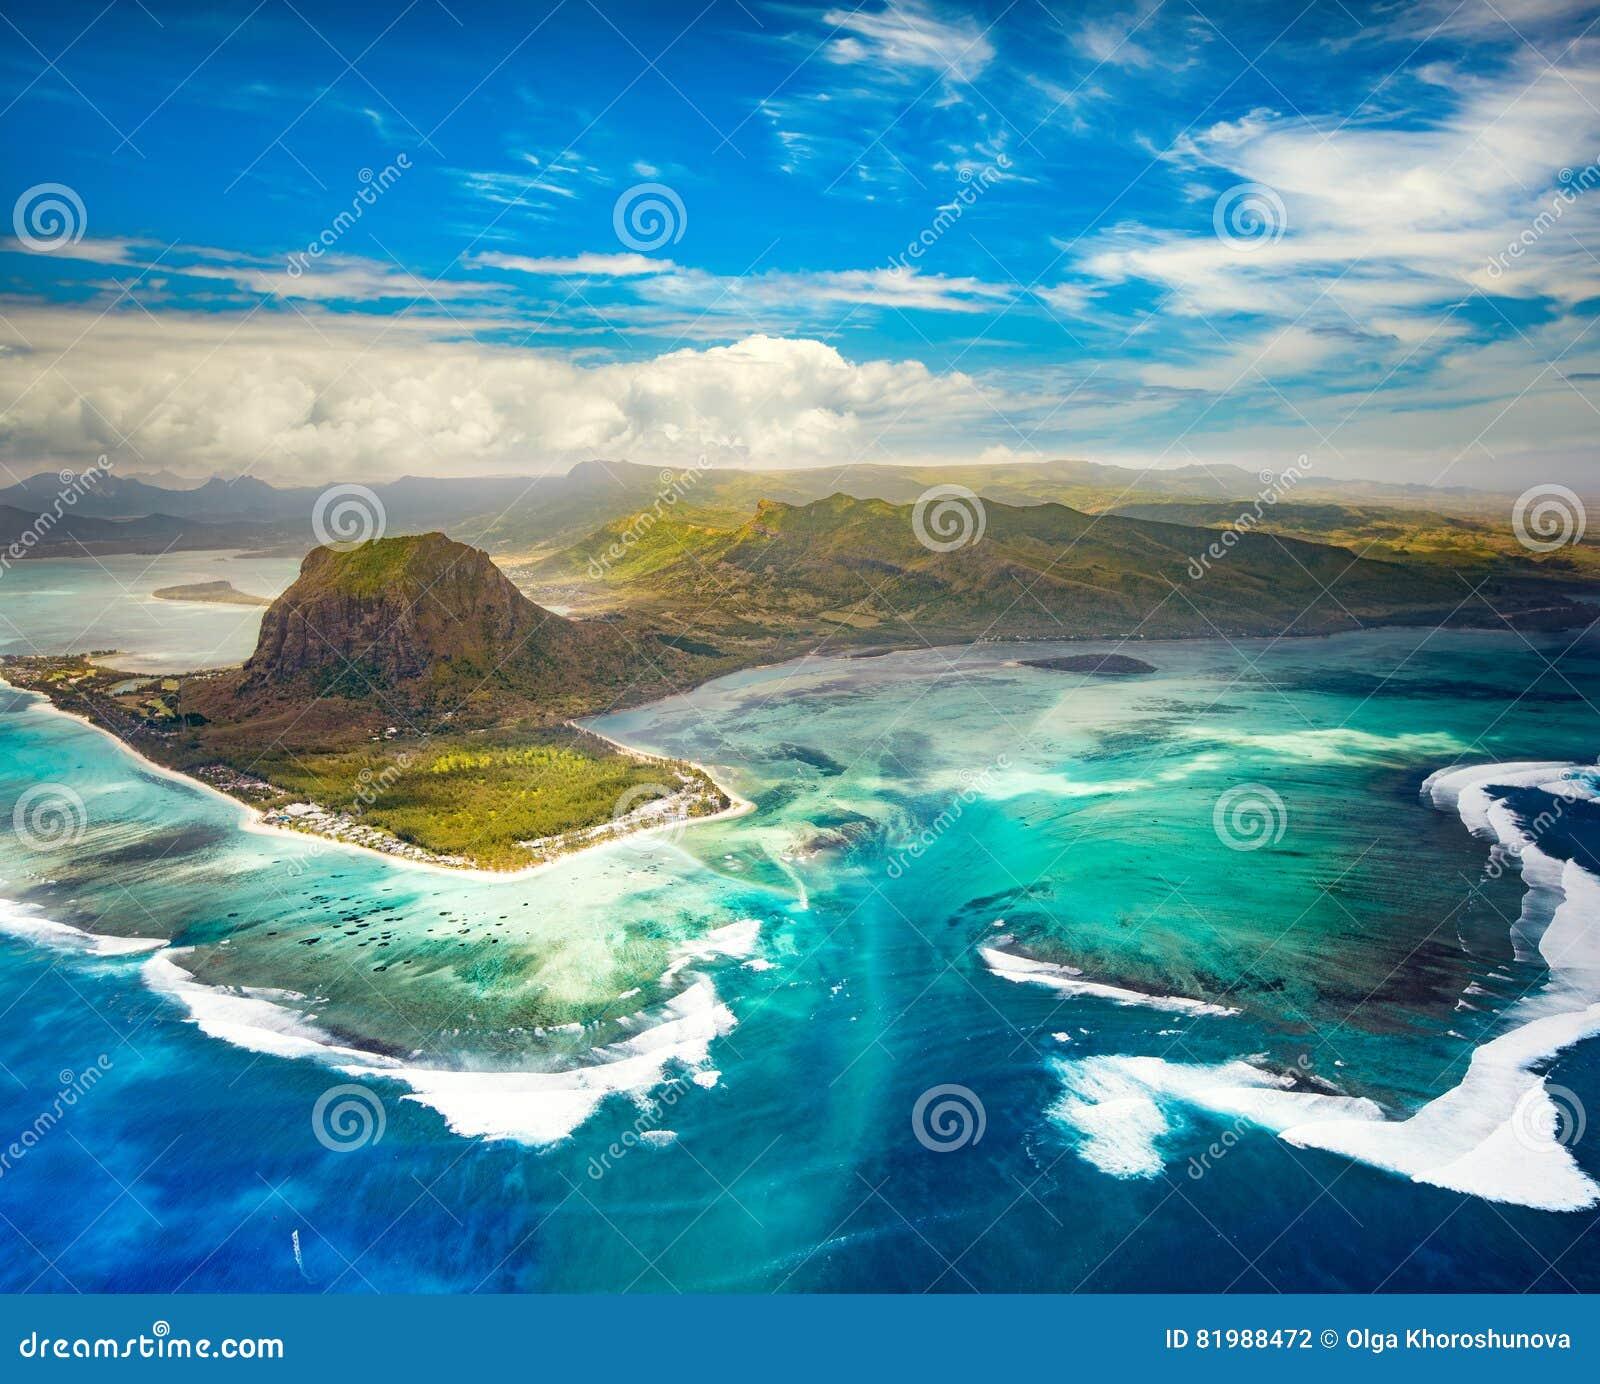 Vogelperspektive des Unterwasserwasserfalls mauritius